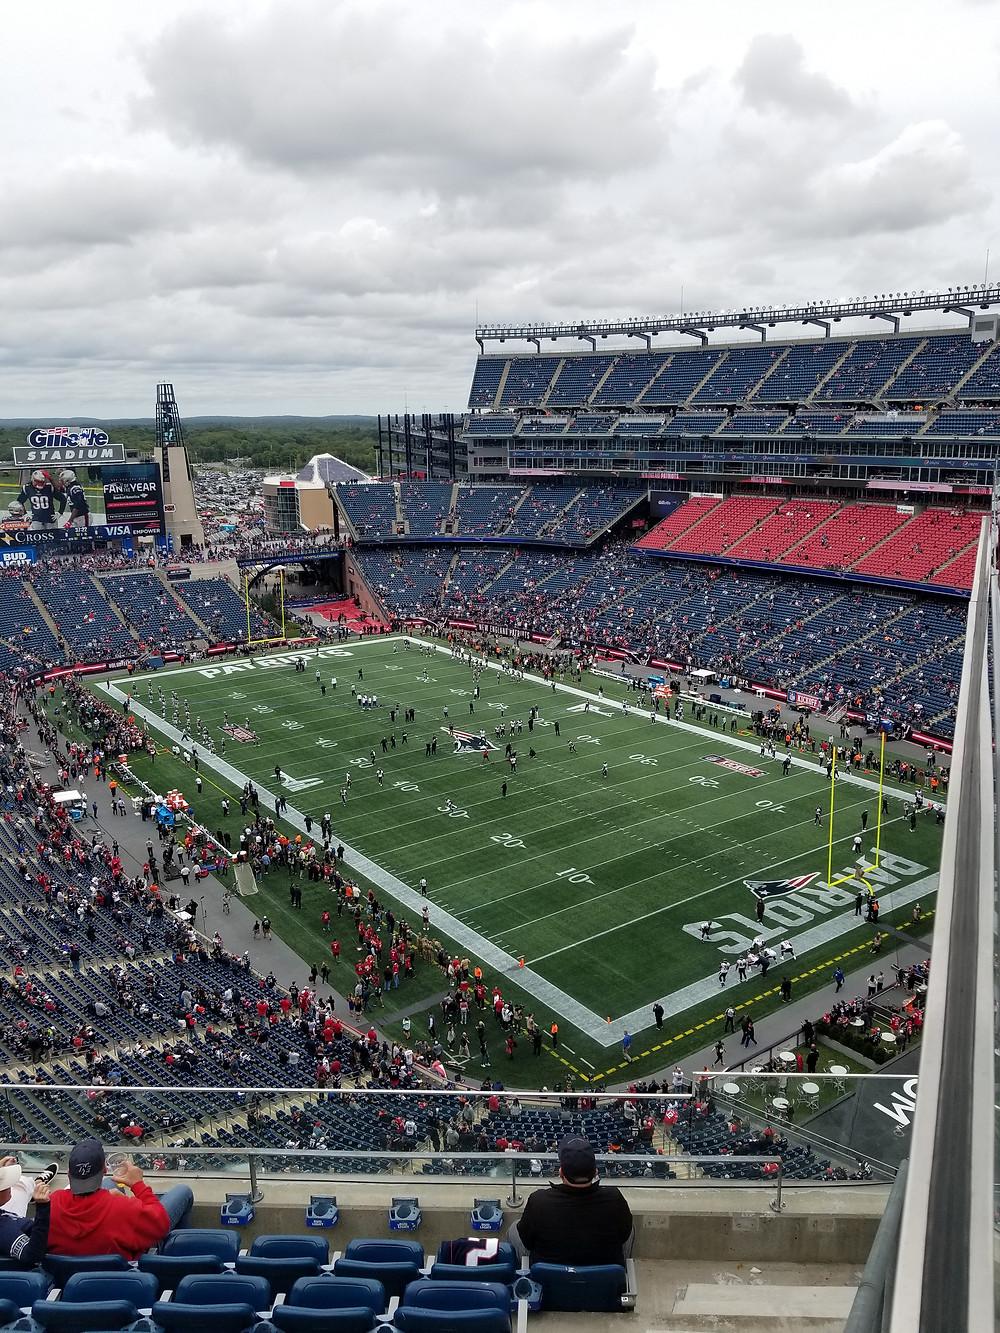 Stadium Review of Gillette Stadium - Foxborough, MA